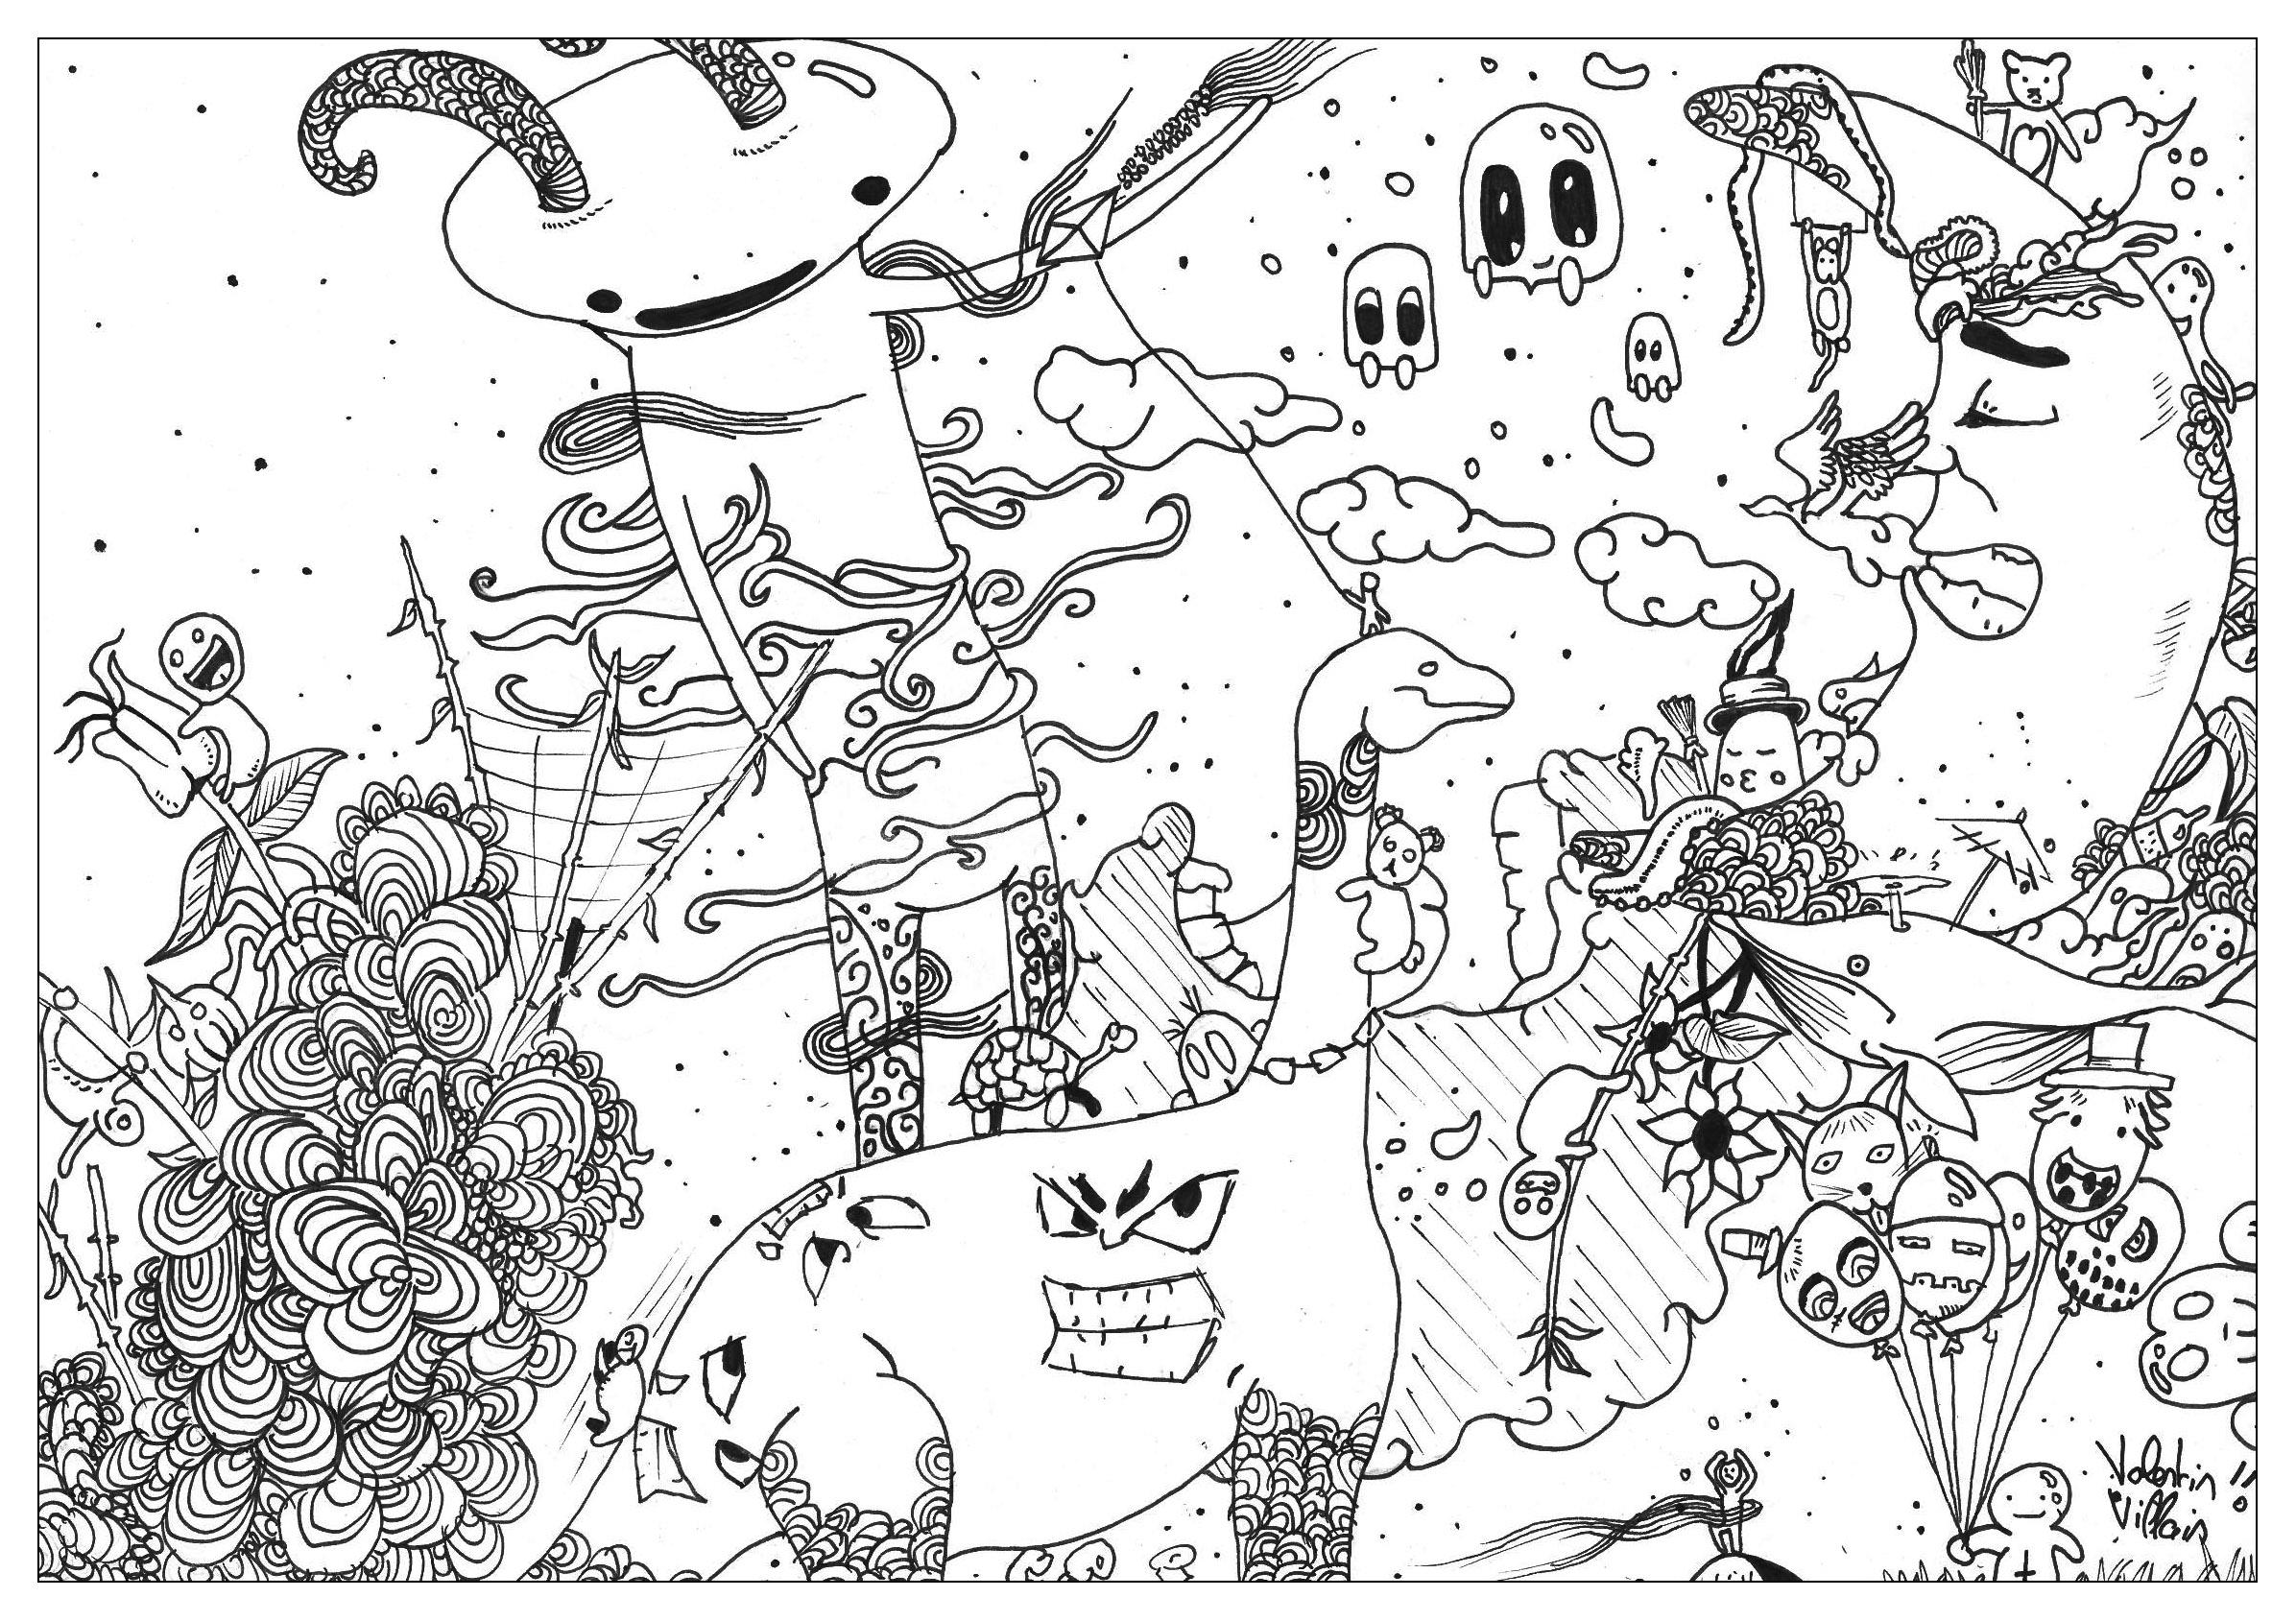 Un monde de Doodle qu'en pensée vous ?